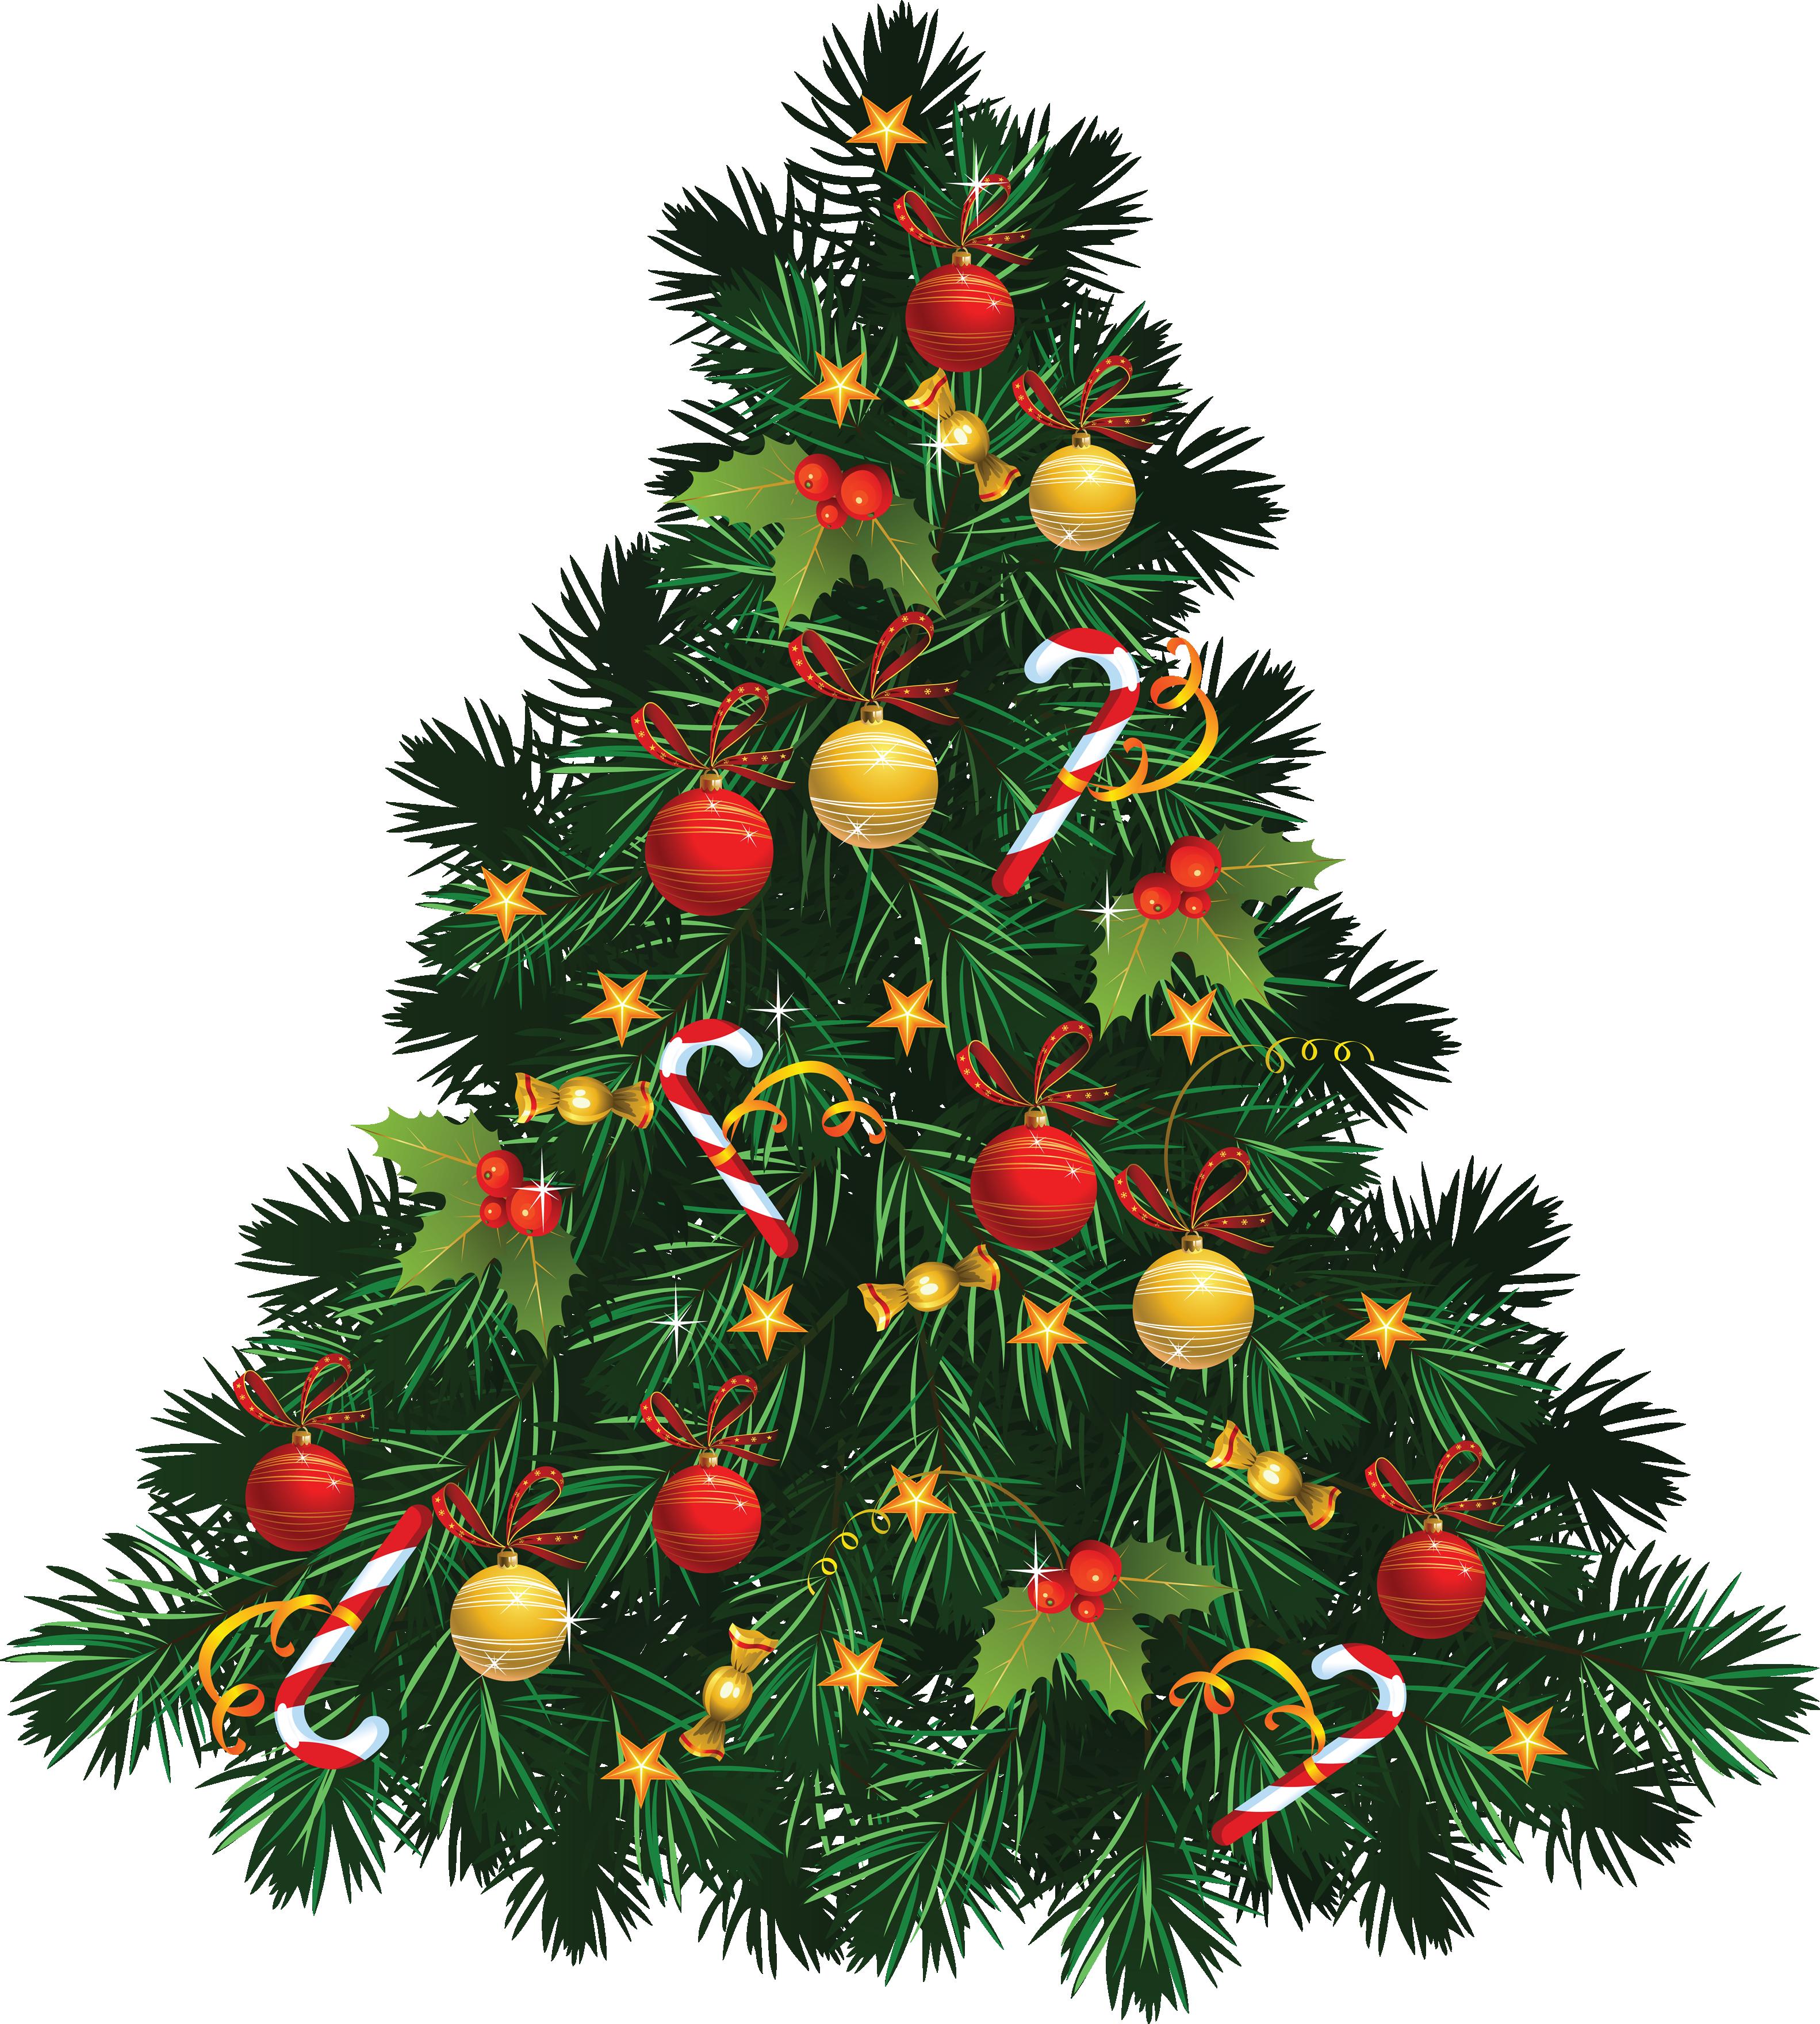 Christmas Tree Png Image 31854 X Mas